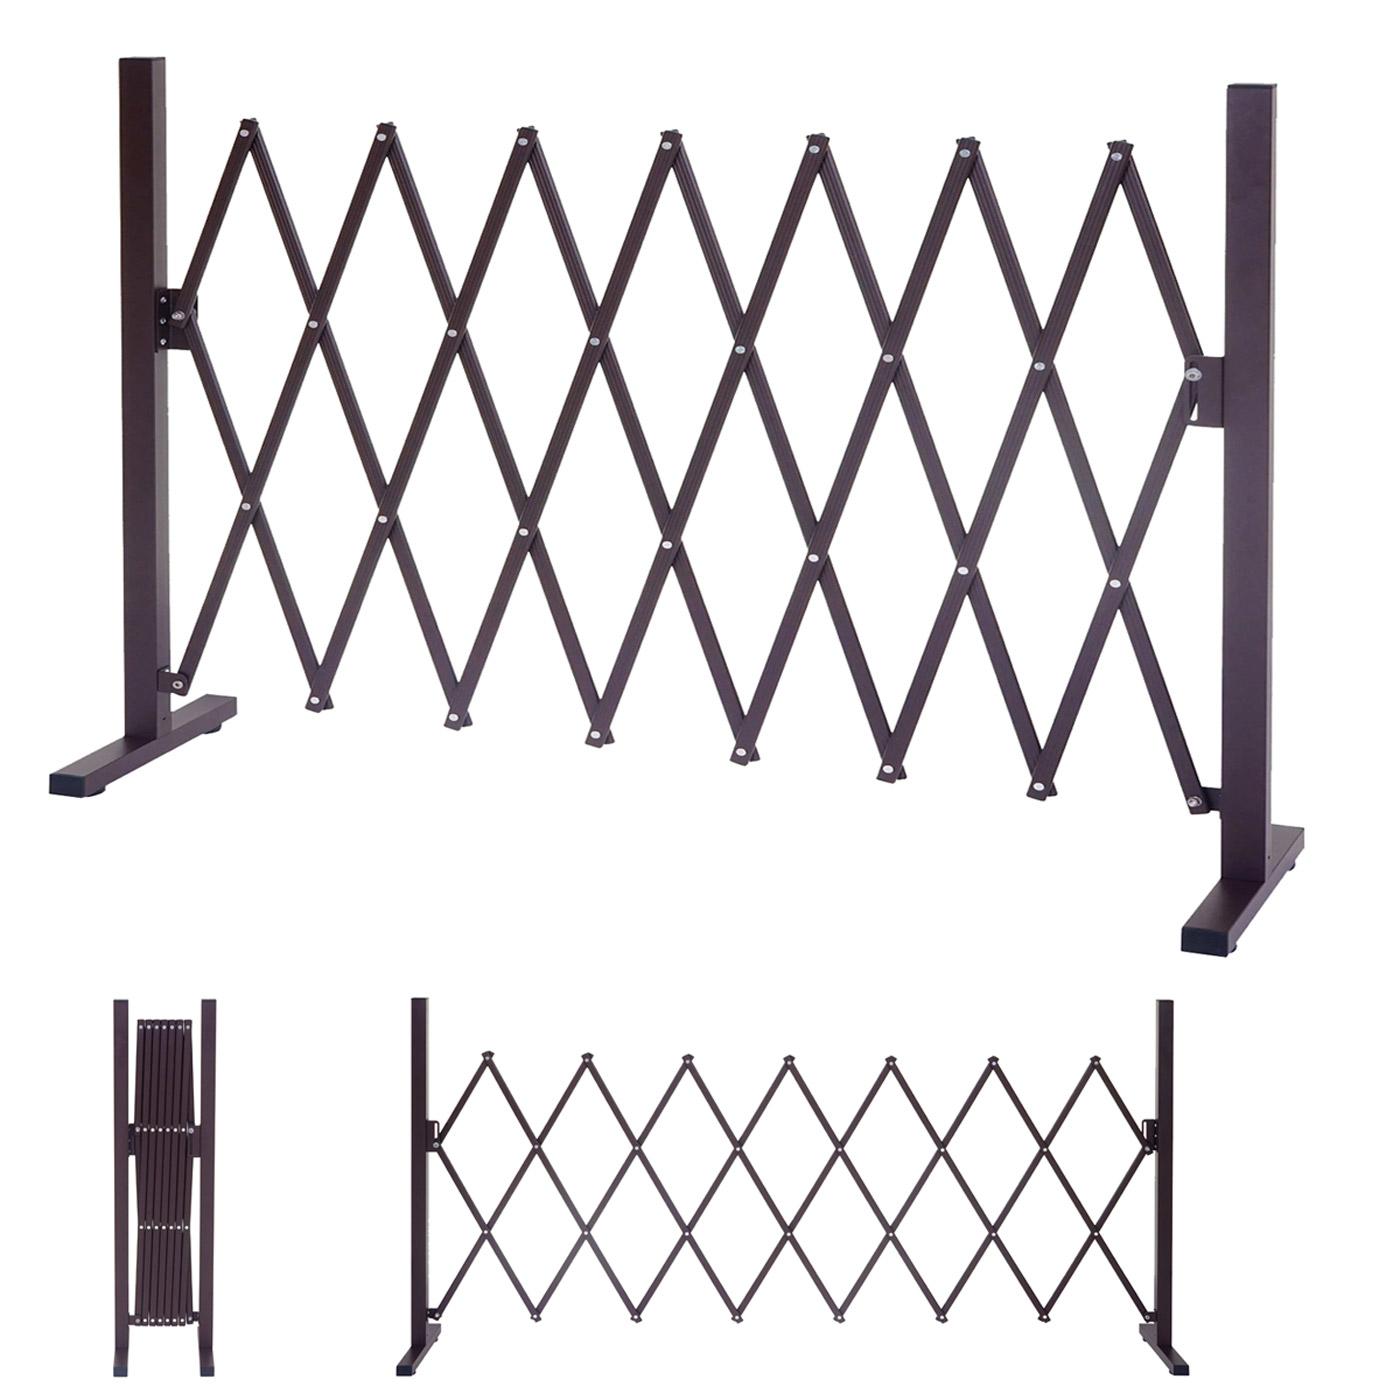 absperrgitter hwc b34 scherengitter rankhilfe tierschutzgitter ausziehbar alu braun 31 261cm. Black Bedroom Furniture Sets. Home Design Ideas